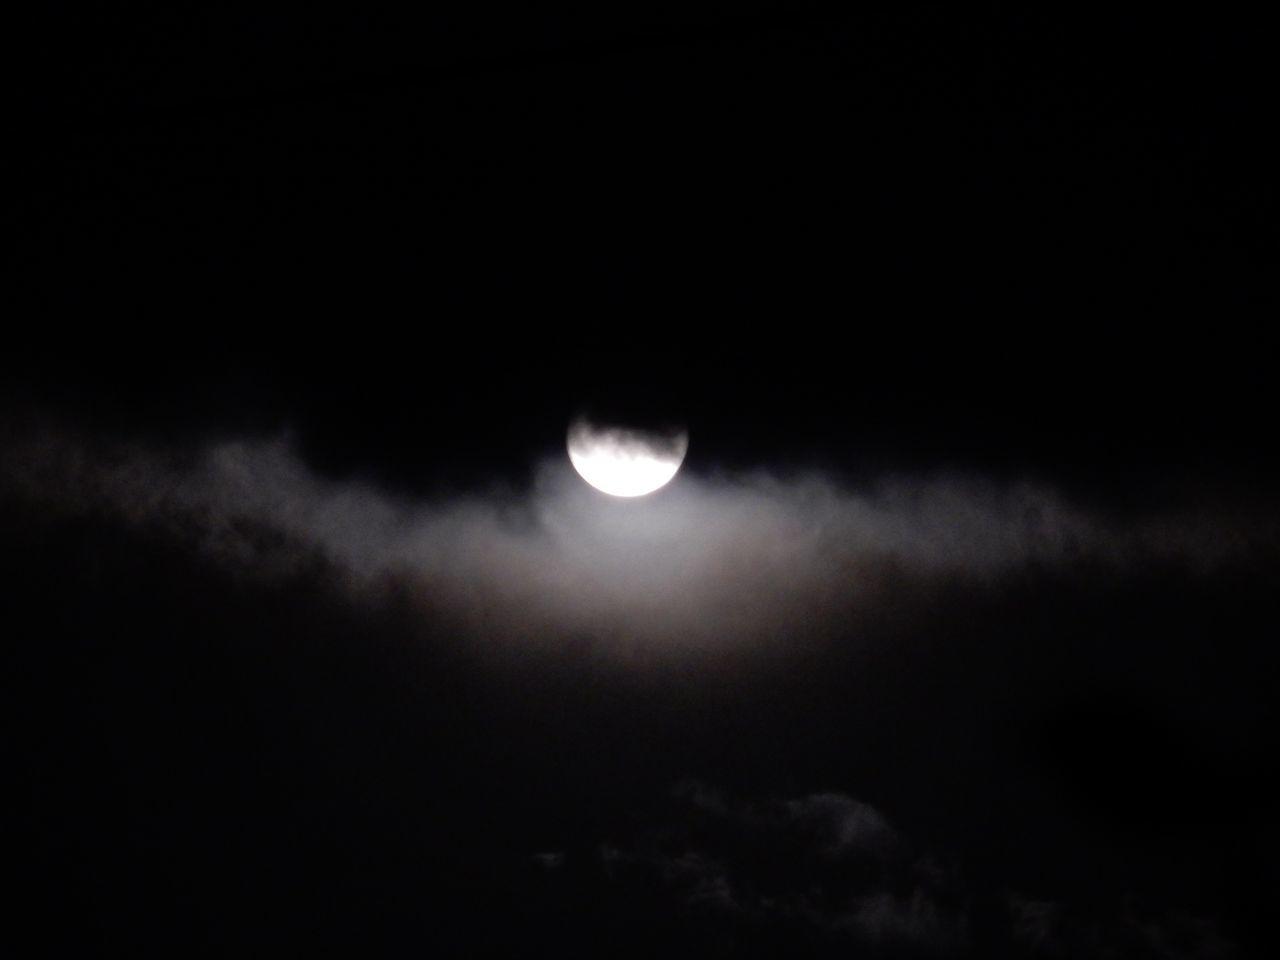 なんとか満月が見えました_c0025115_20432704.jpg